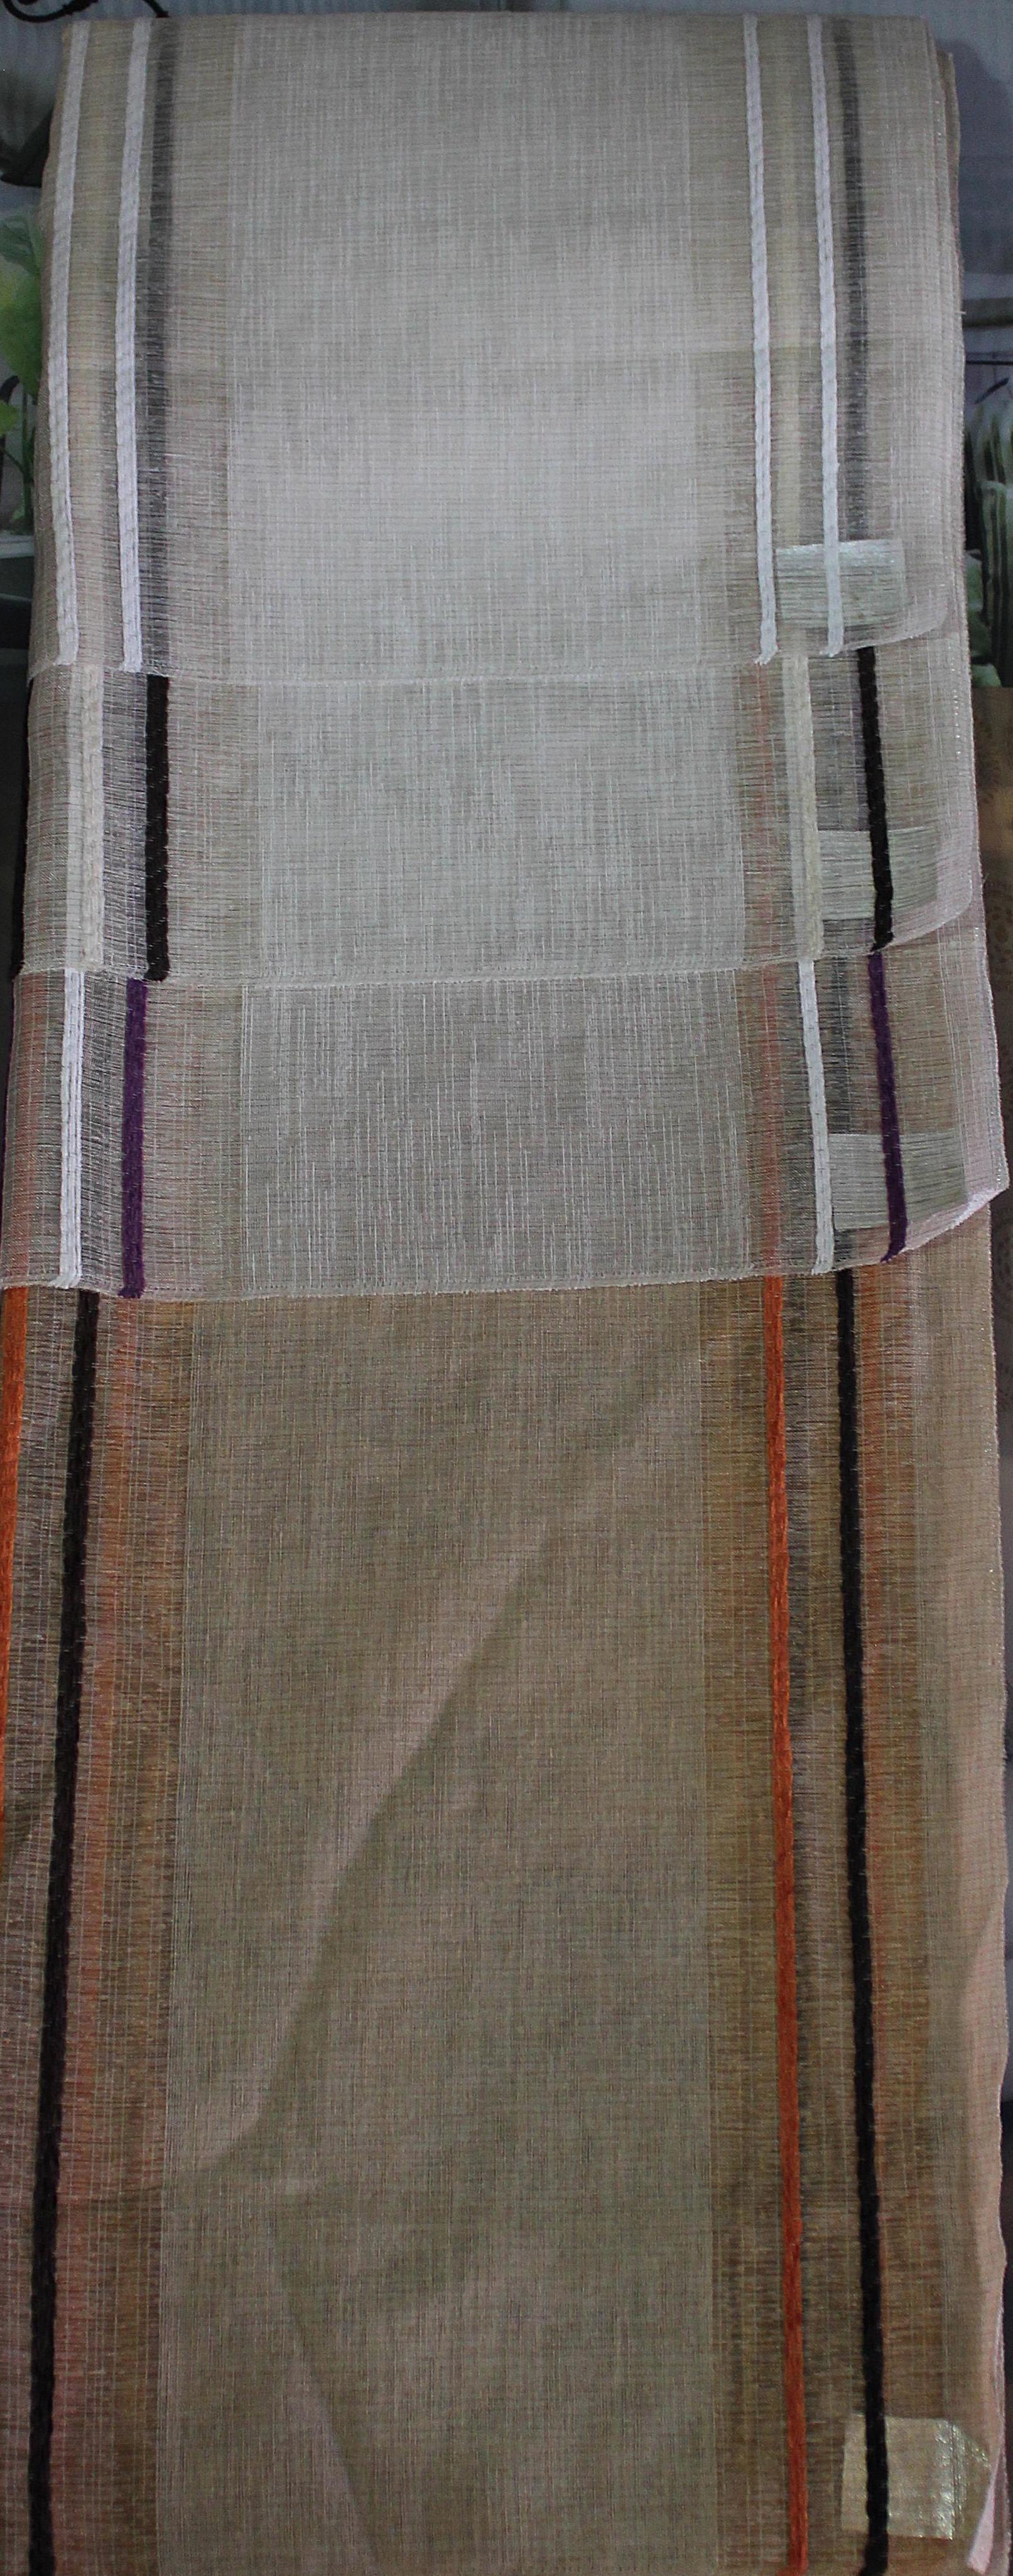 Tejidos rayas. Confección de cortinas Tres Cantos.